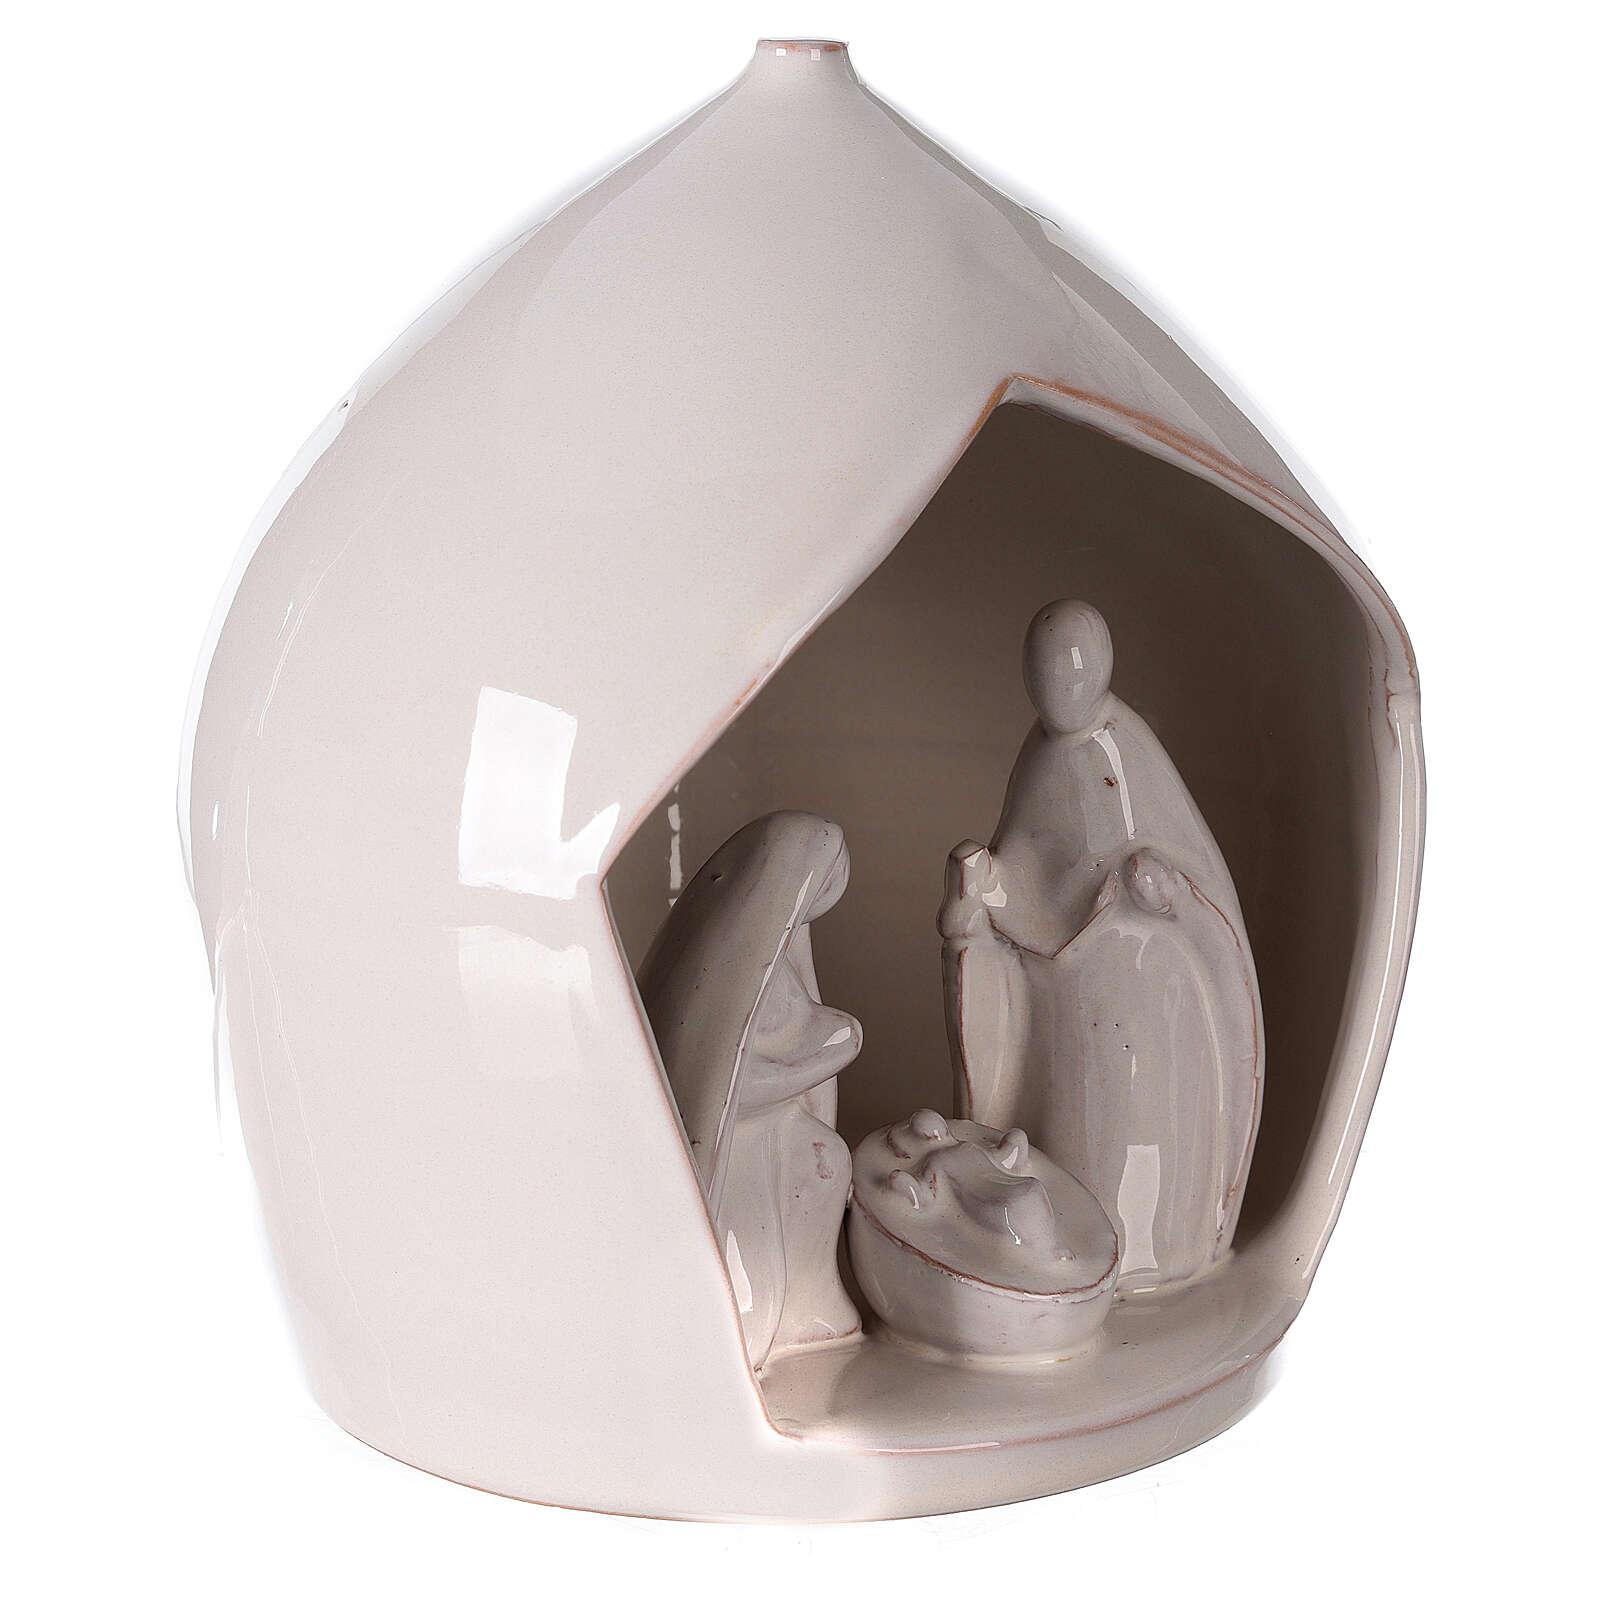 Crèche terre cuite blanche ouverture équarrie Sainte Famille Deruta 20x18 cm 4